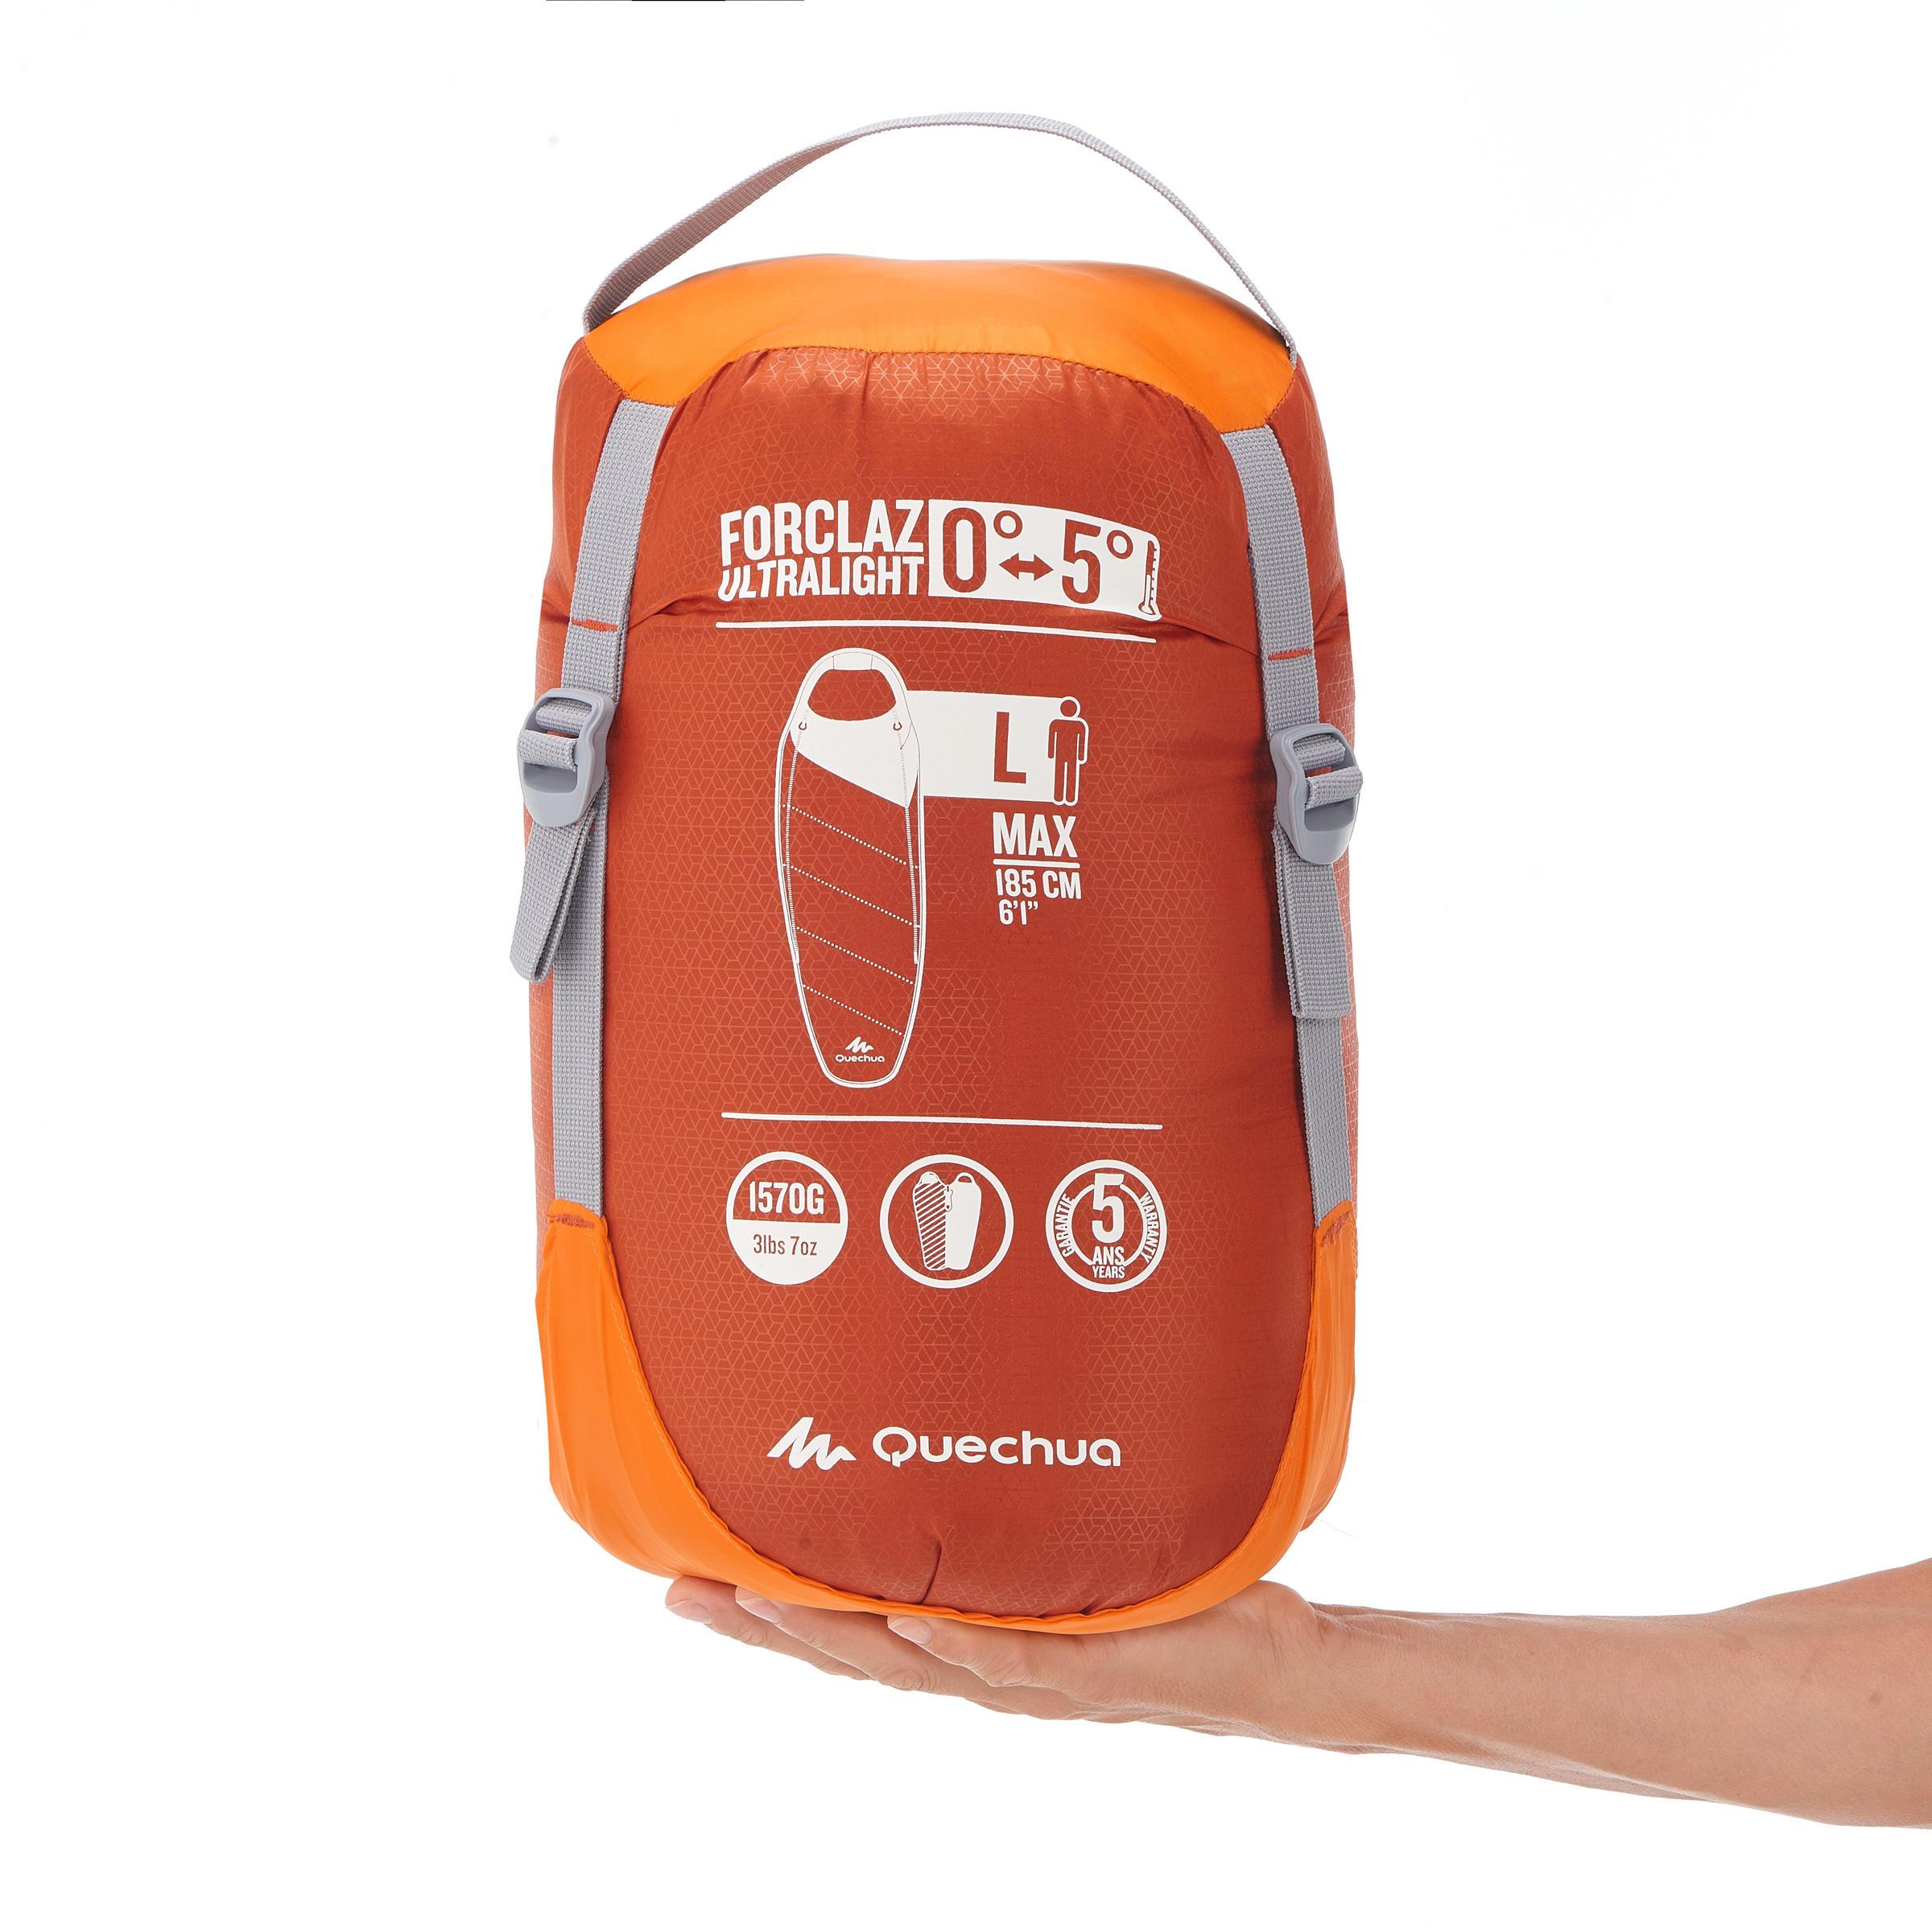 Forclaz 0/5° Ultralight Bivouac/Trekking Sleeping Bag - Orange